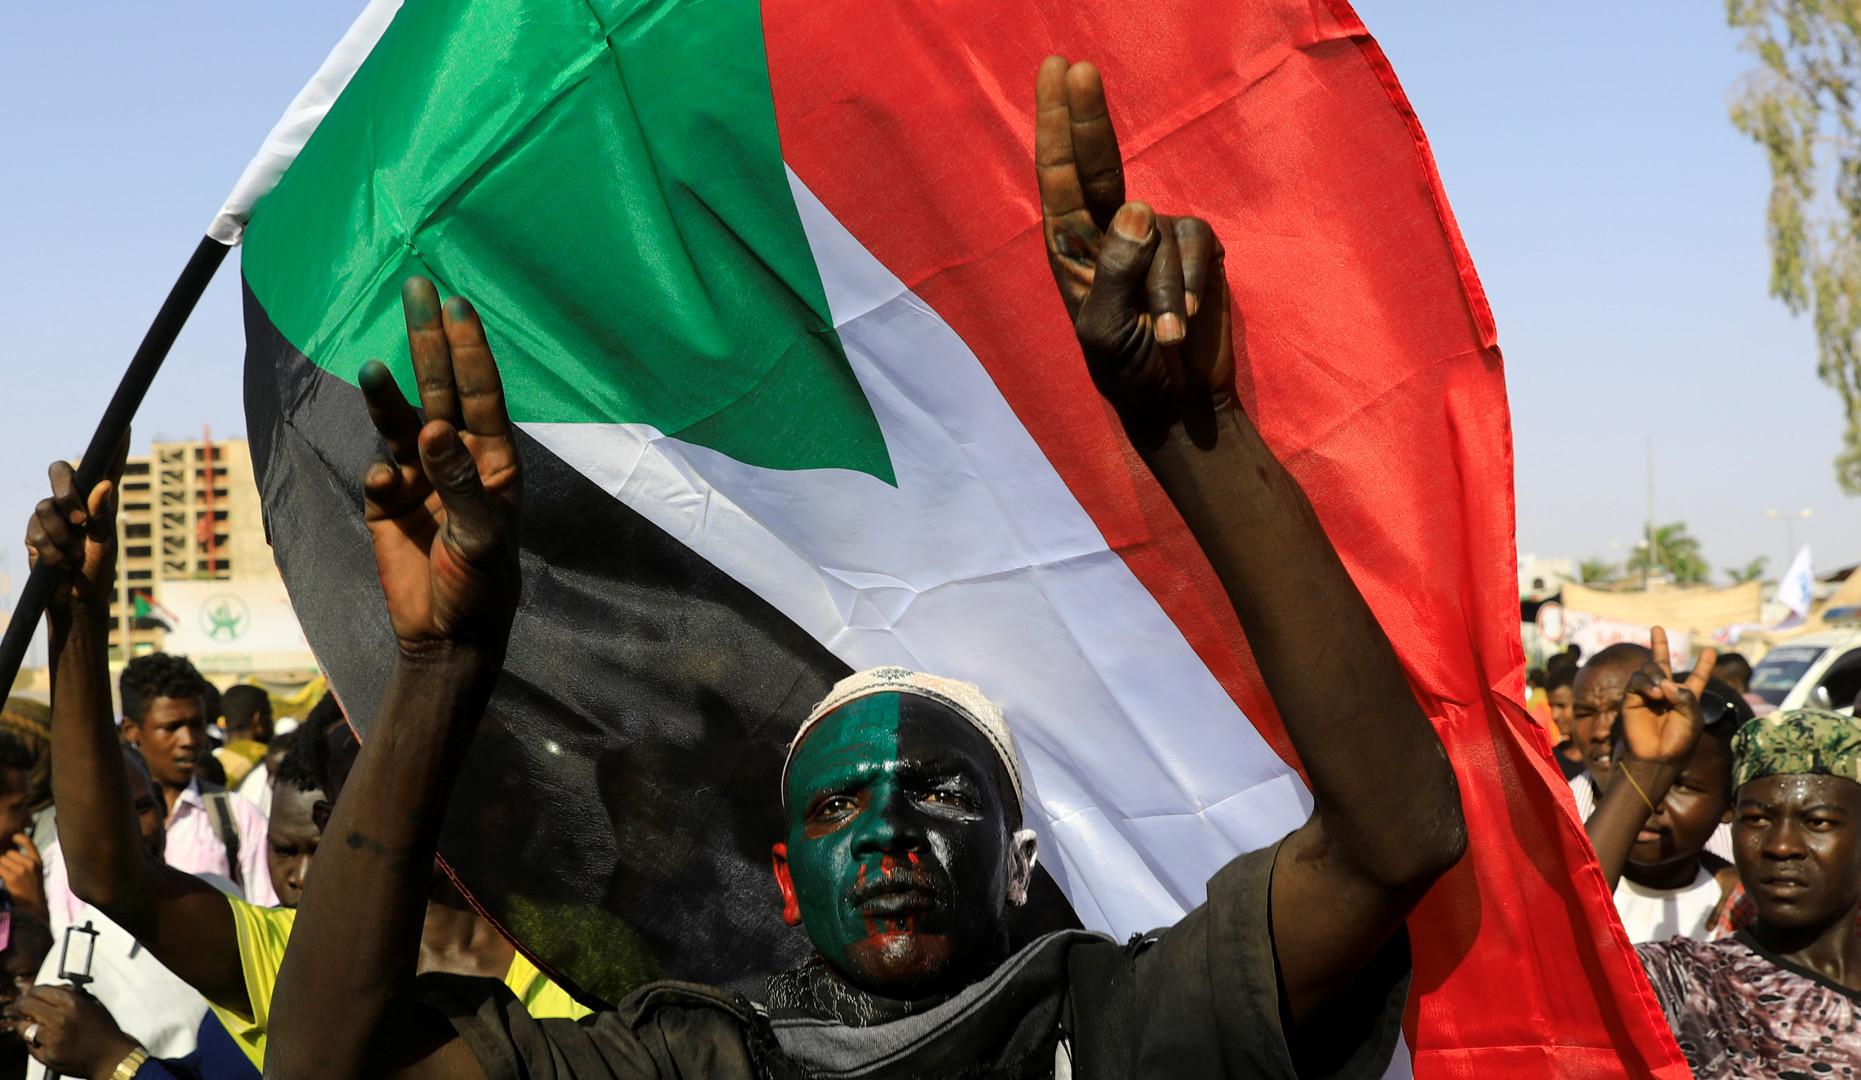 السودان.. مقتل متظاهر وإصابة آخرين جراء إطلاق قوات الأمن النار على المعتصمين